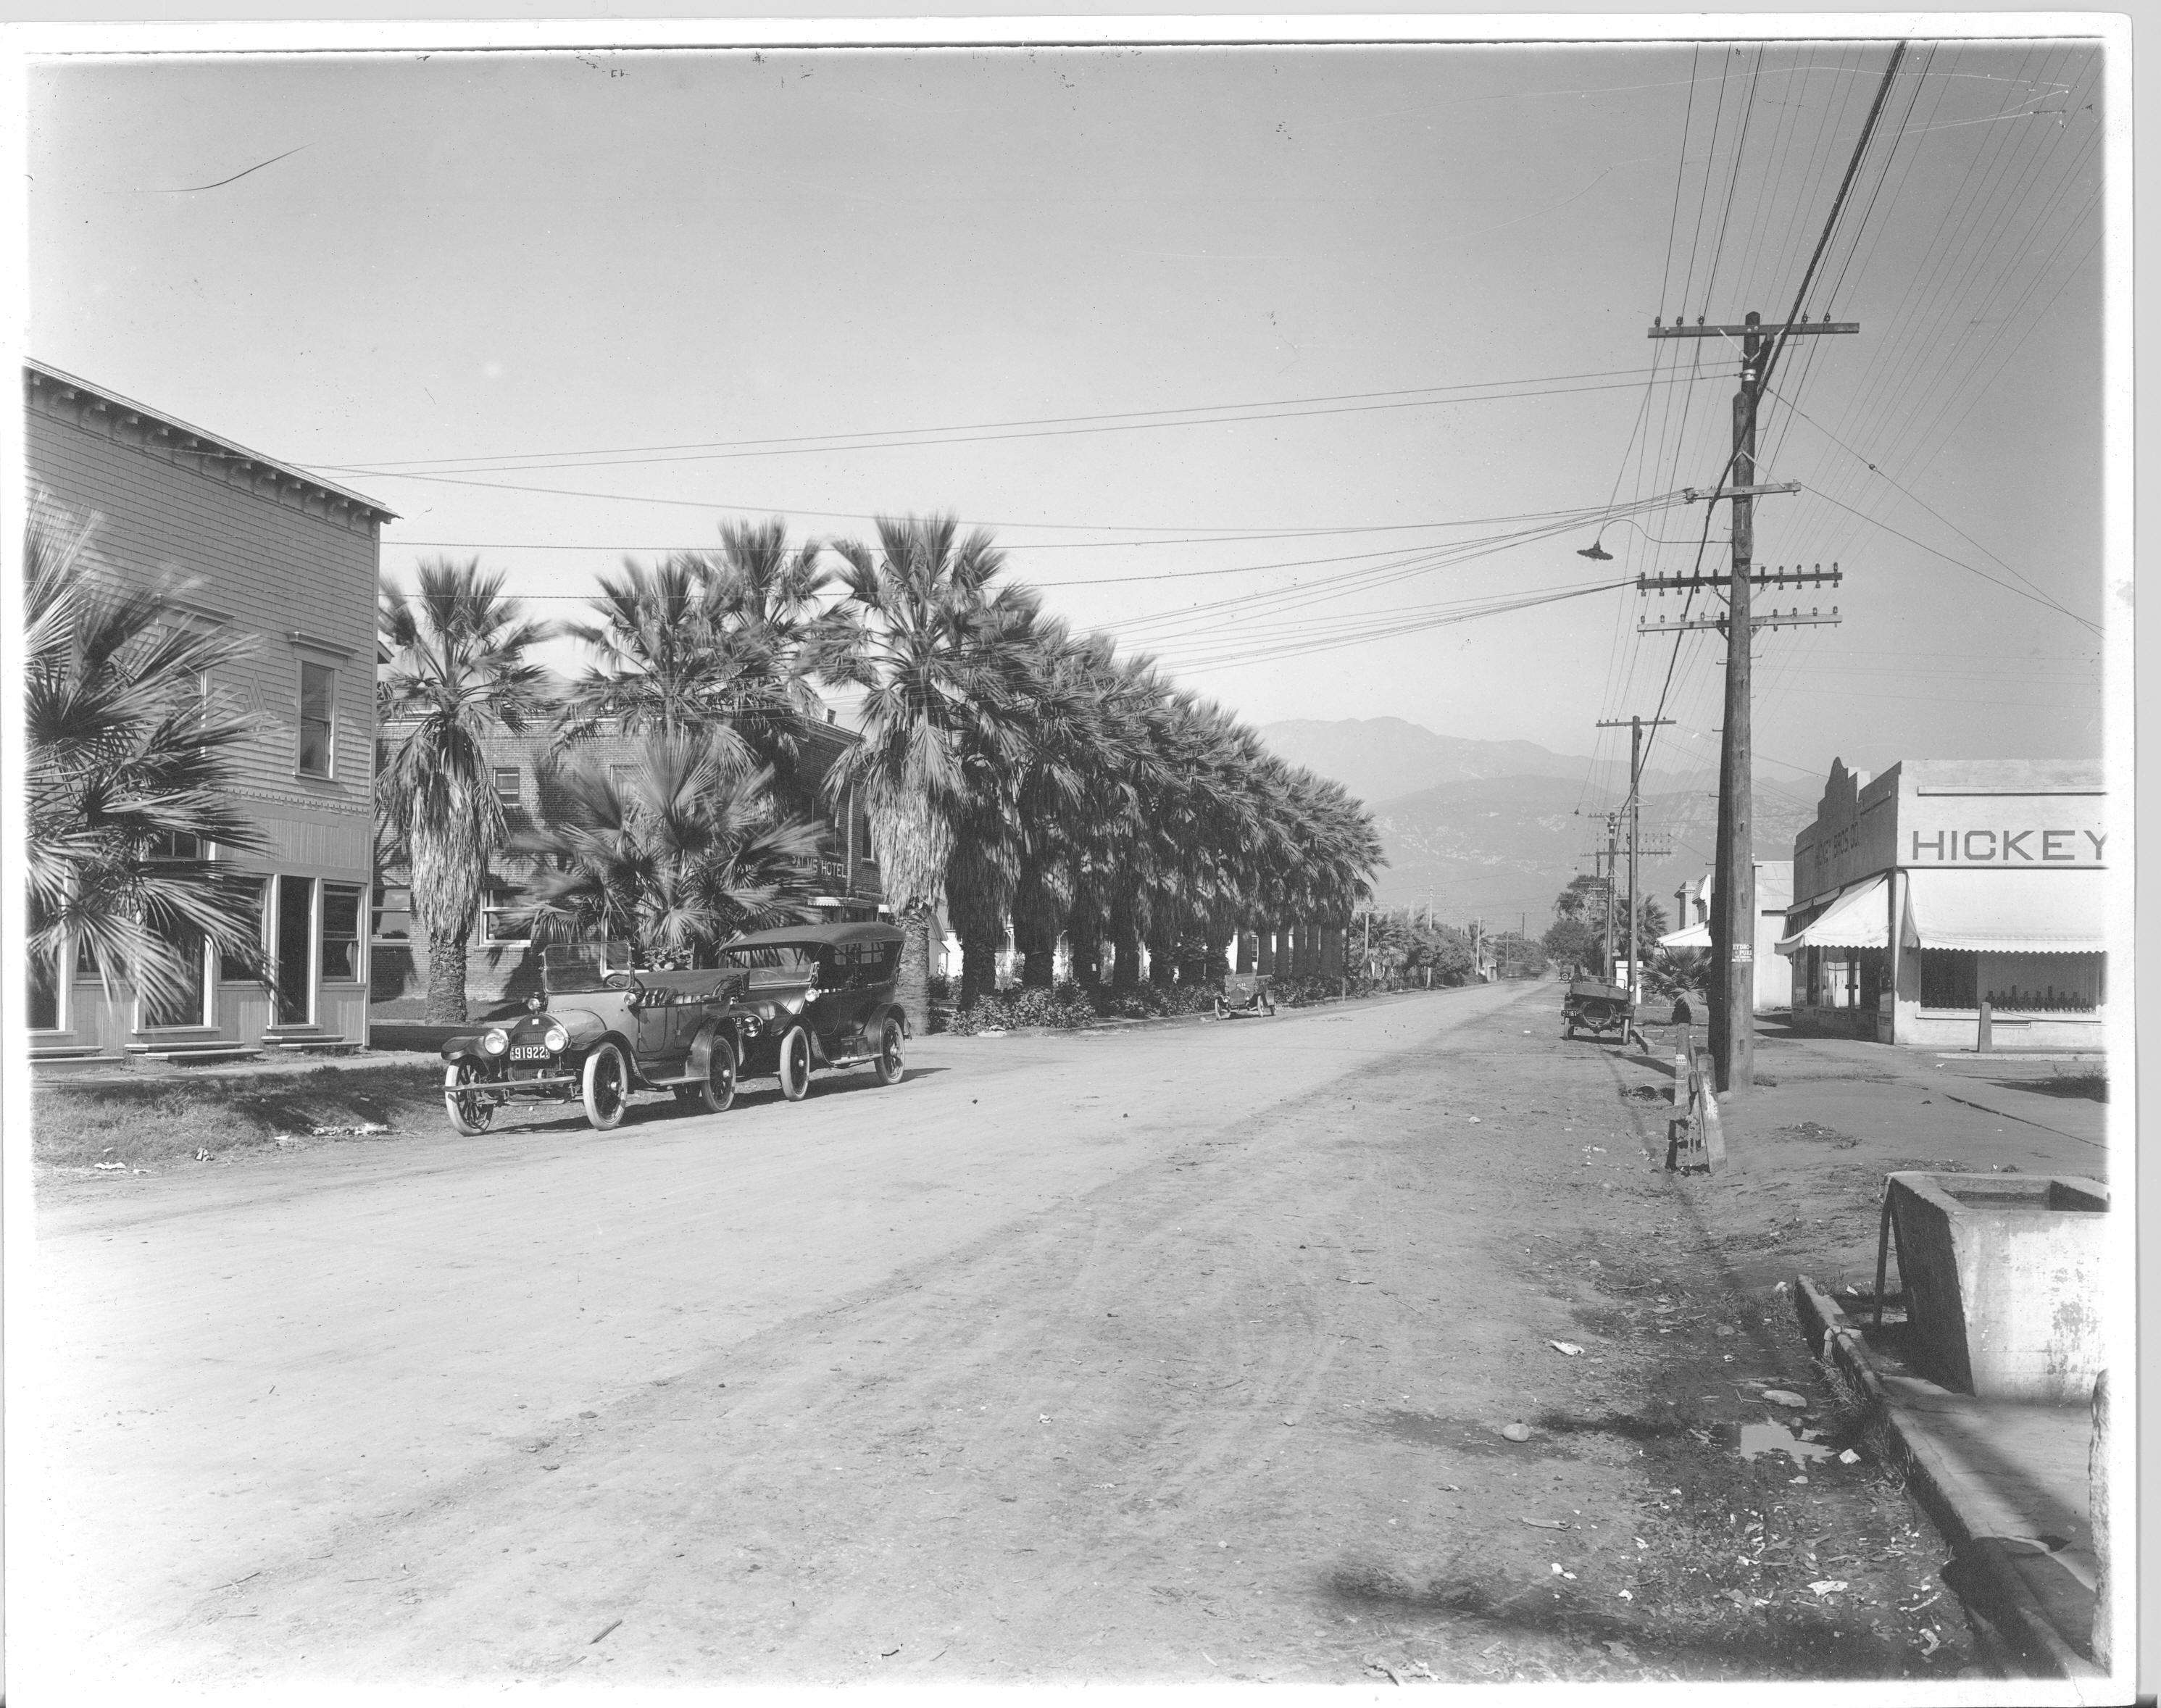 Hickey Bros. Land Company Building 1913